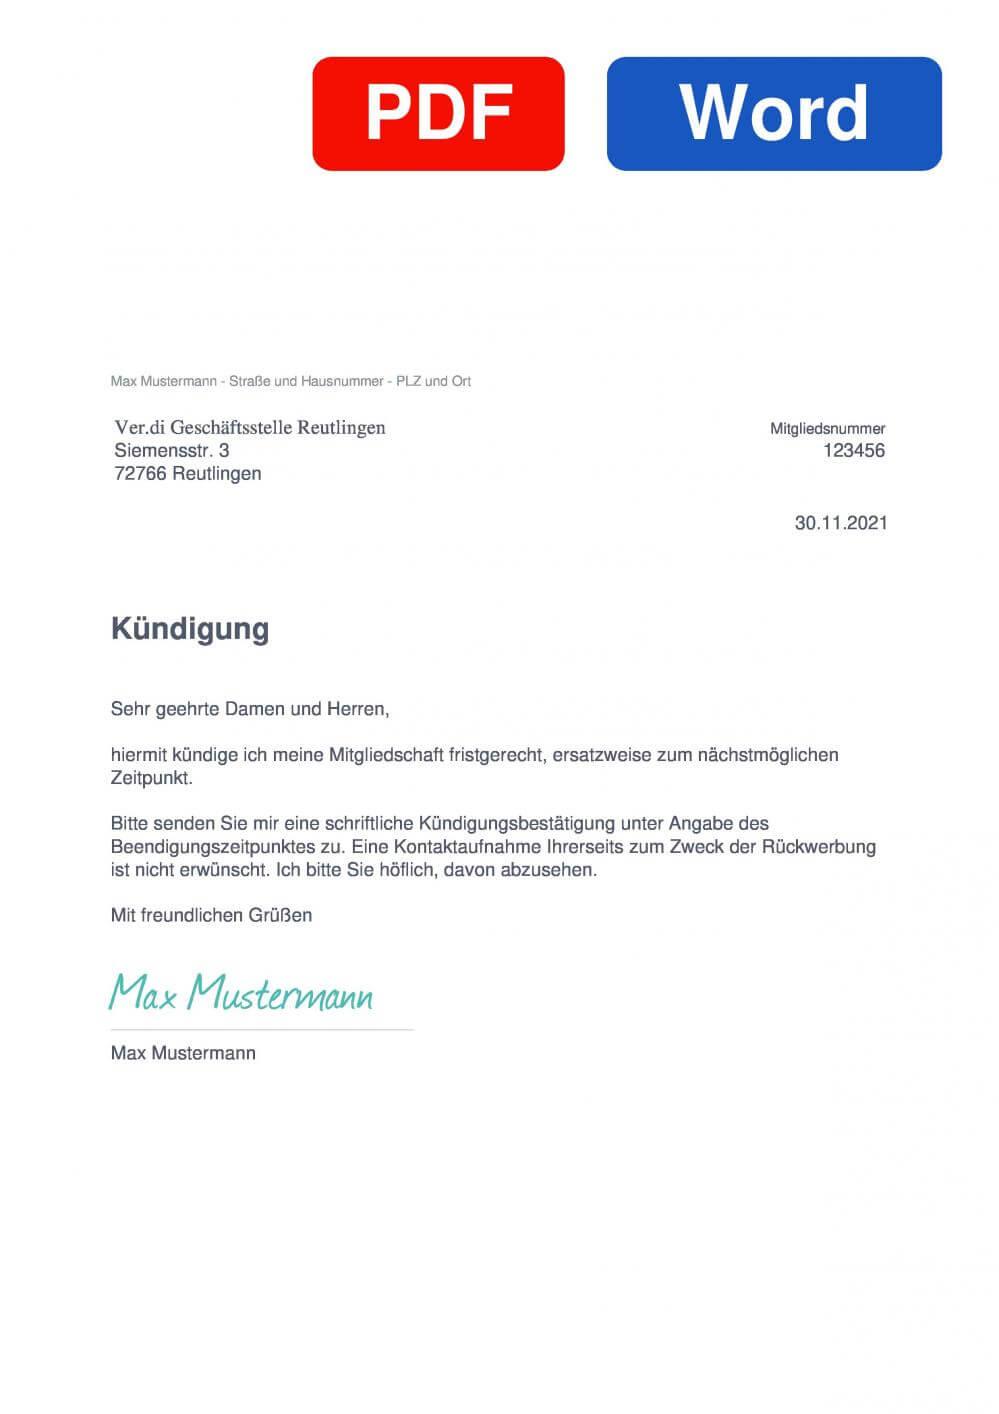 Verdi Reutlingen Muster Vorlage für Kündigungsschreiben